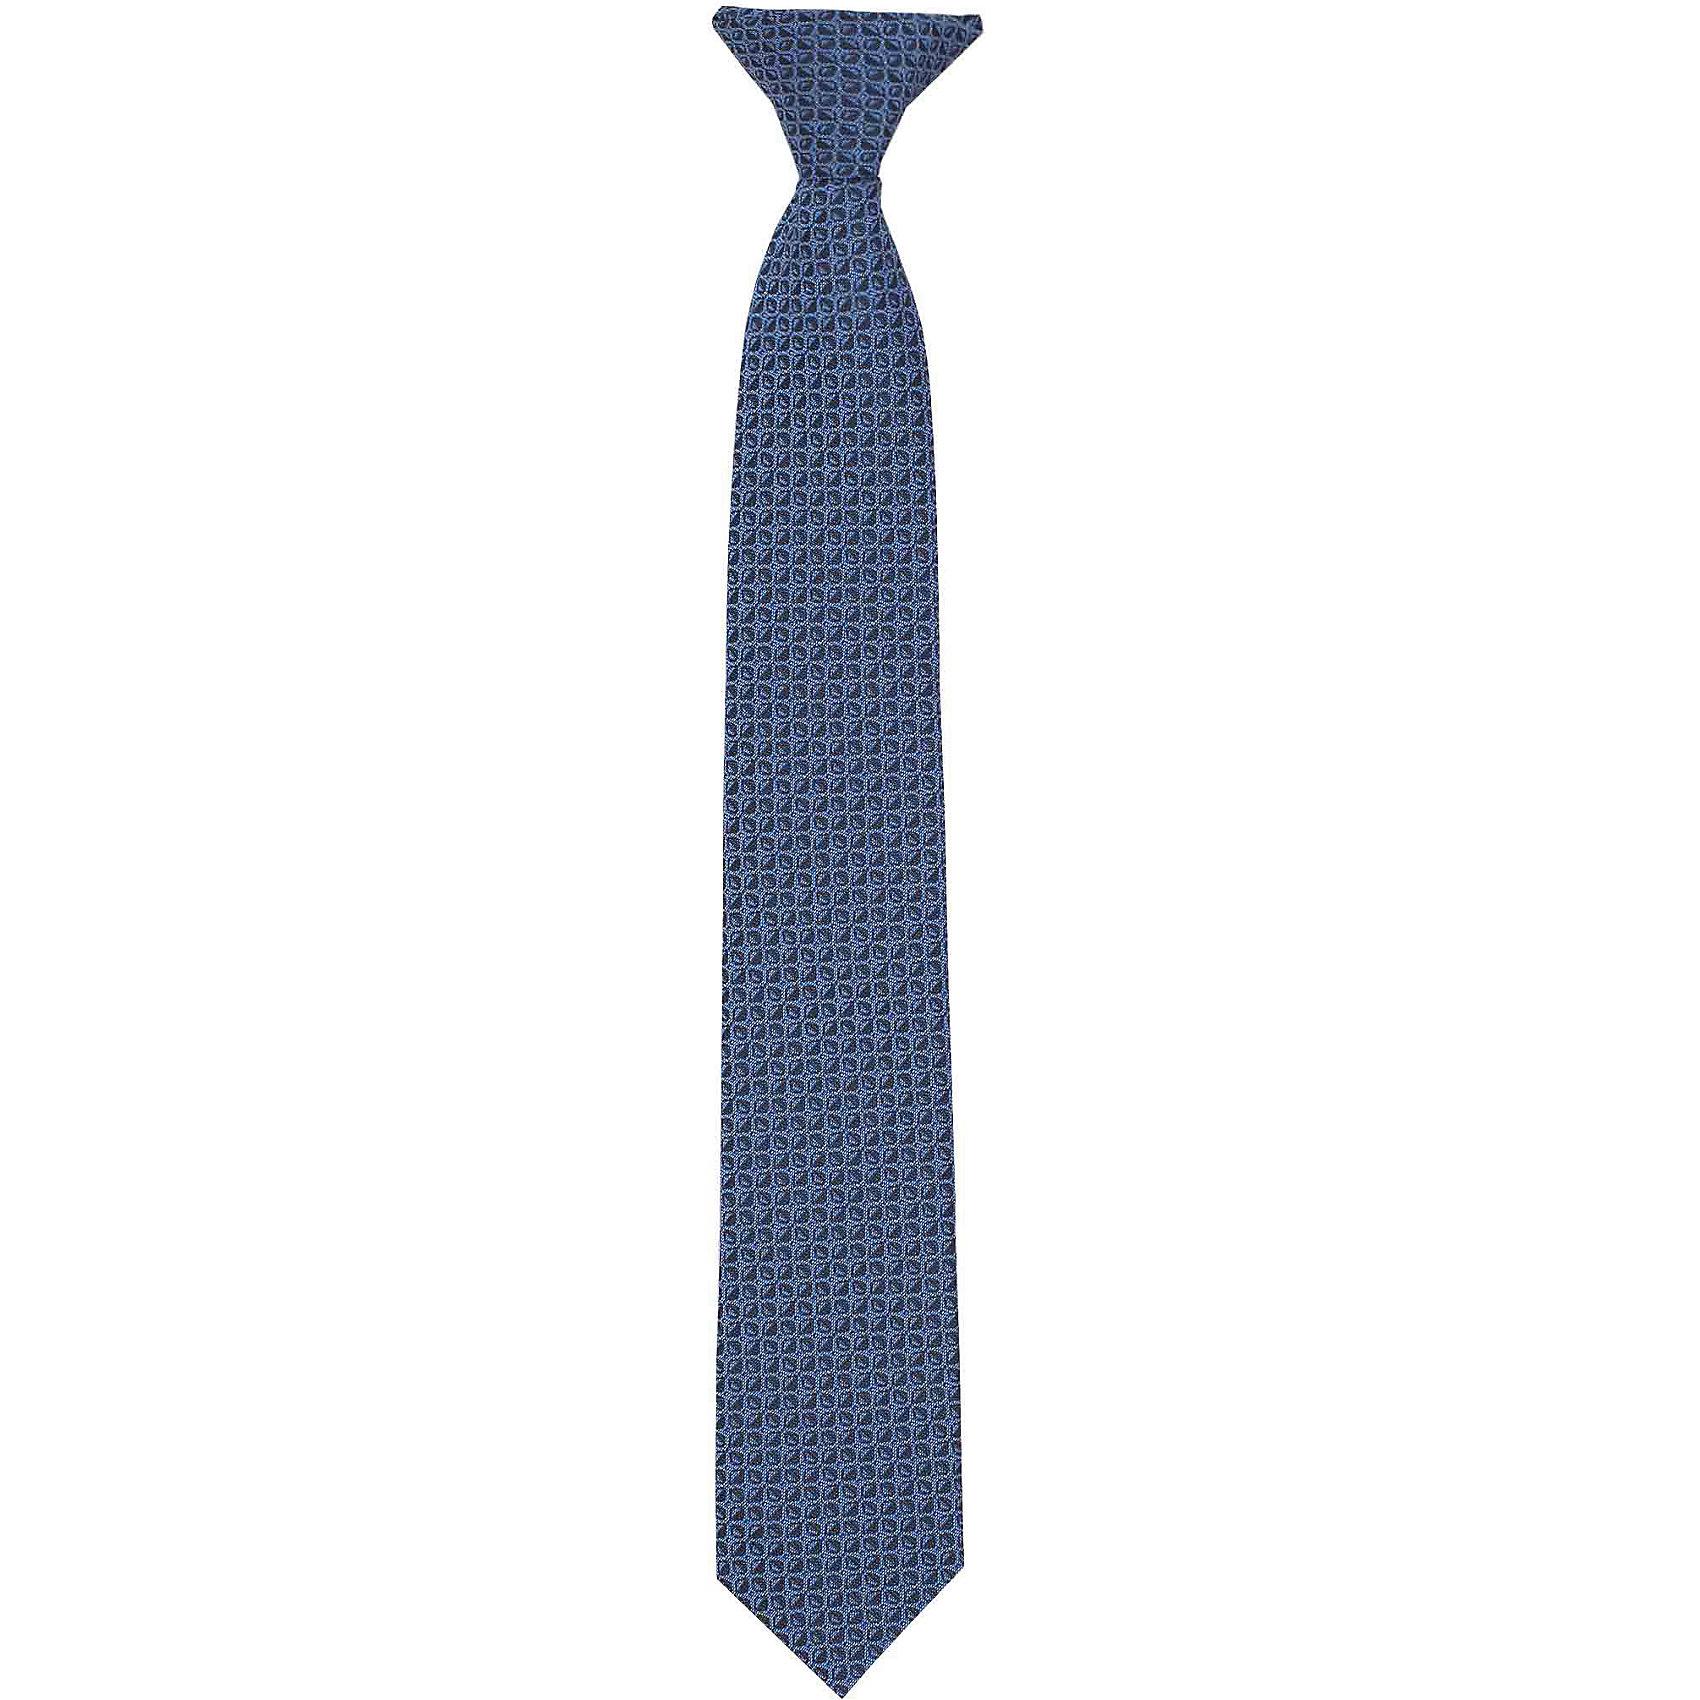 Галстук для мальчика GulliverАксессуары<br>Красивый галстук для школьной формы - достойное завершение делового ансамбля. Для удобства и экономии драгоценного утреннего времени, модель имеет аккуратную прищепку в невидимой зоне, позволяющую в течение нескольких секунд прикрепить галстук в воротнику сорочки. Купить галстук на прищепке, значит, приобрести стильный и удобный аксессуар для создания образа серьезного, уверенного в себе юноши.<br>Состав:<br>100% полиэстер<br><br>Ширина мм: 170<br>Глубина мм: 157<br>Высота мм: 67<br>Вес г: 117<br>Цвет: синий<br>Возраст от месяцев: 120<br>Возраст до месяцев: 132<br>Пол: Мужской<br>Возраст: Детский<br>Размер: 146,122<br>SKU: 6678586